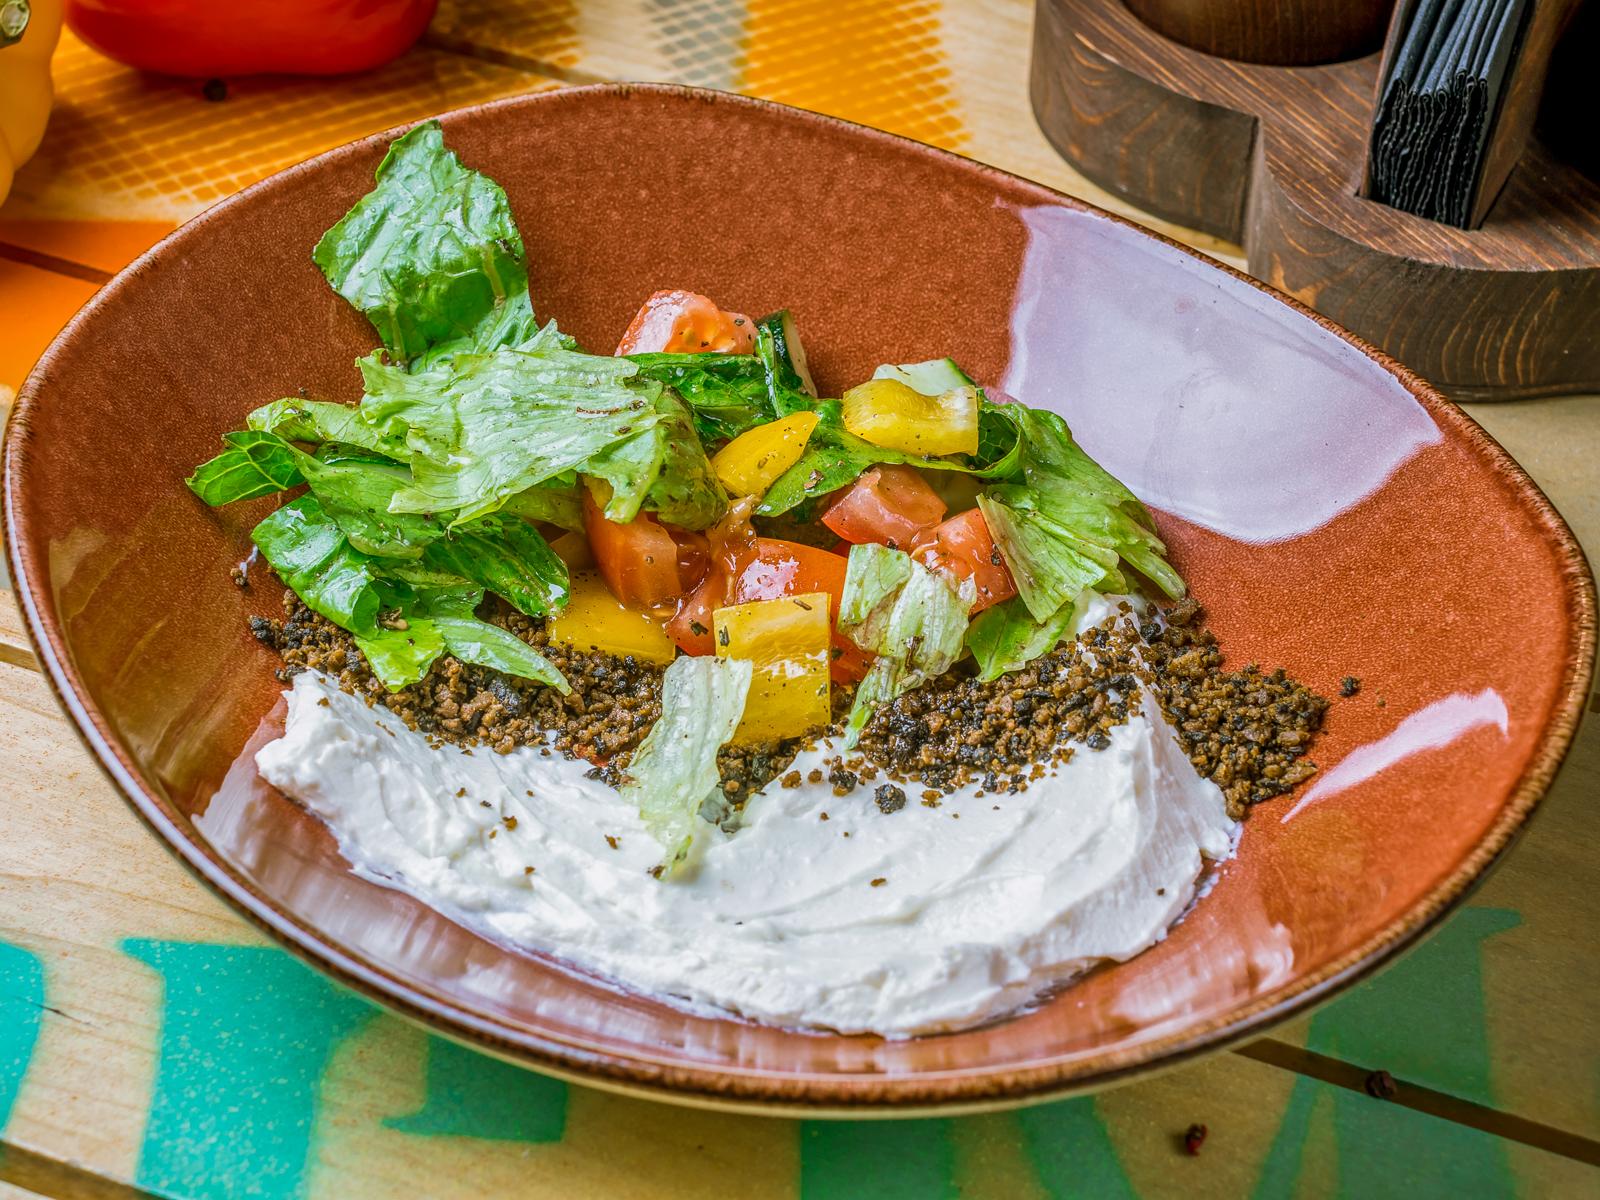 Салат с овощами в греческом стиле